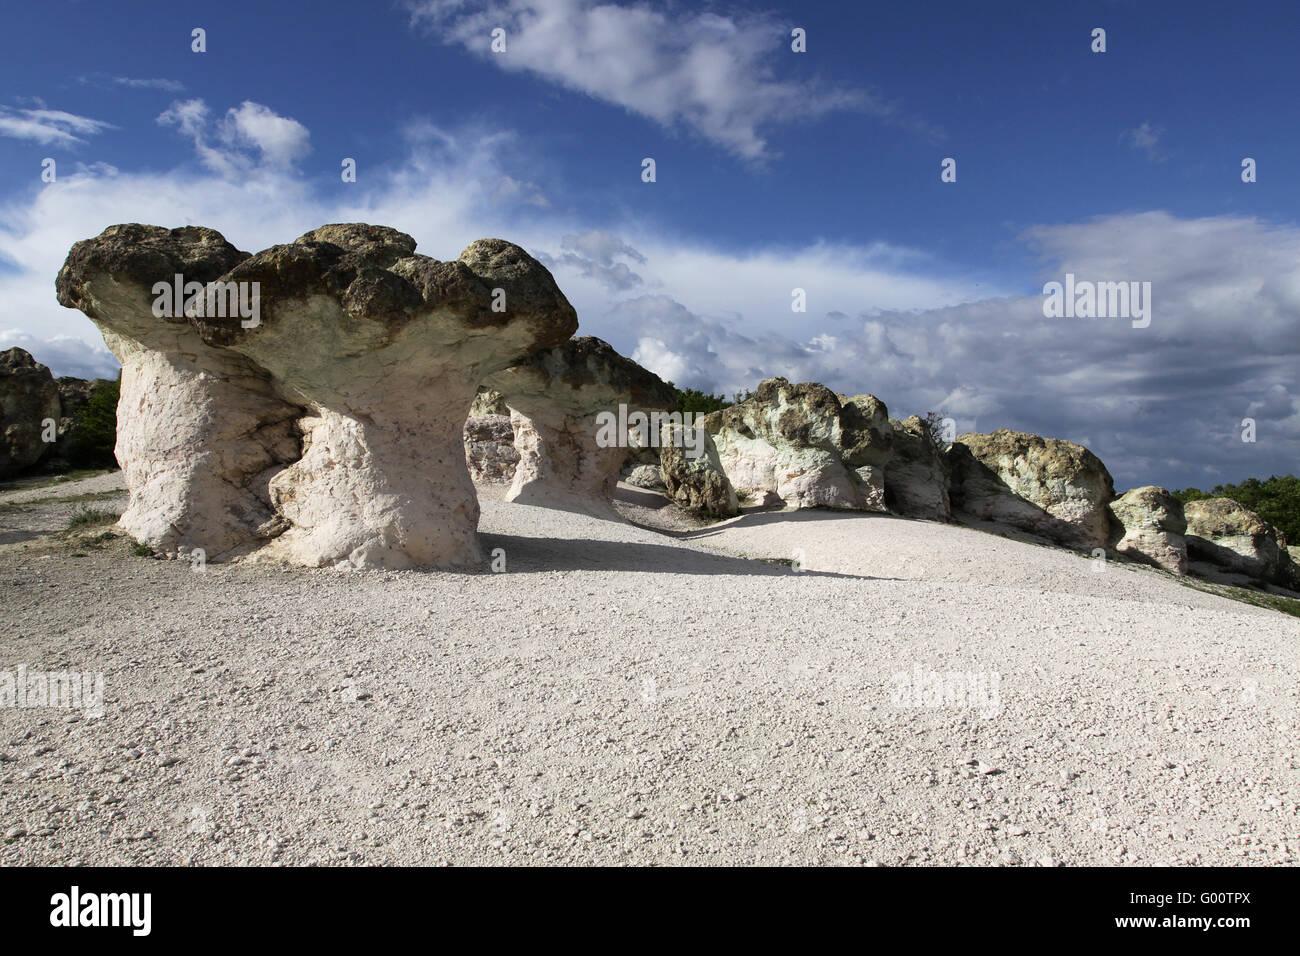 Stein Pilze Naturphänomen Stockbild